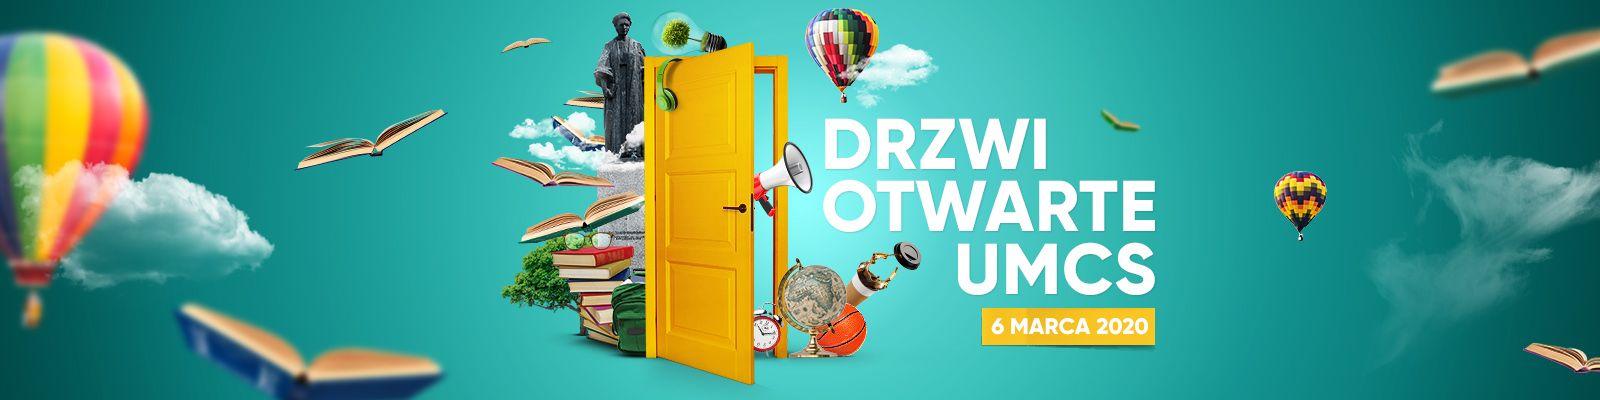 Drzwi Otwarte UMCS - zapraszamy 6 marca!